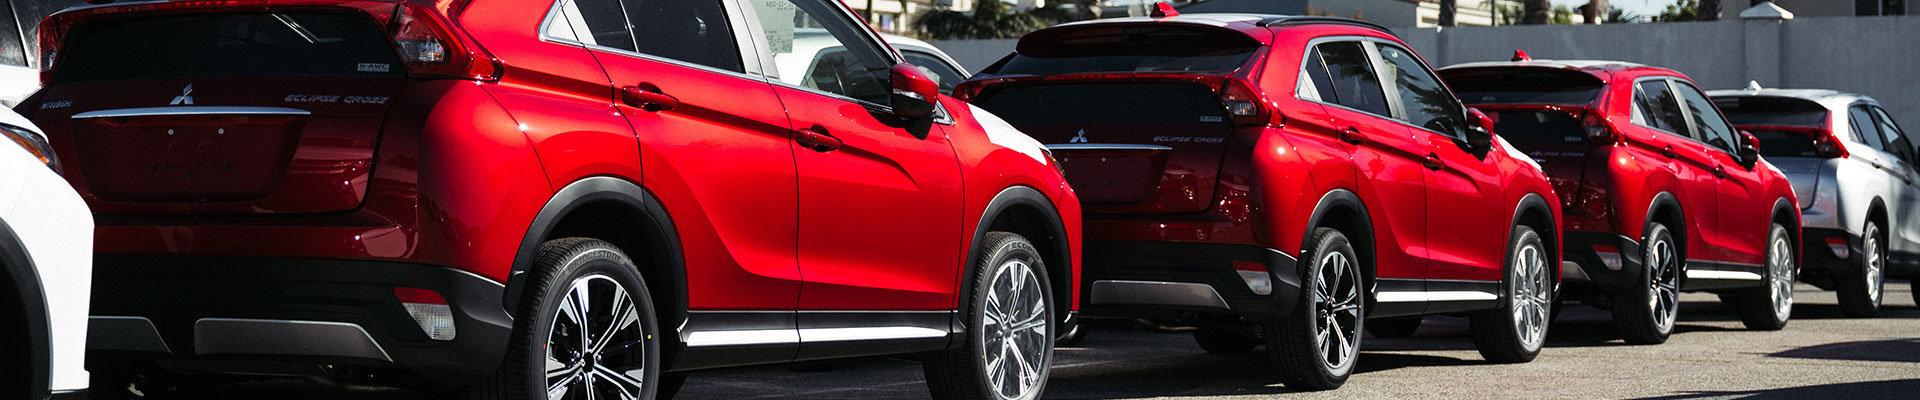 Why You Should Choose a Mitsubishi